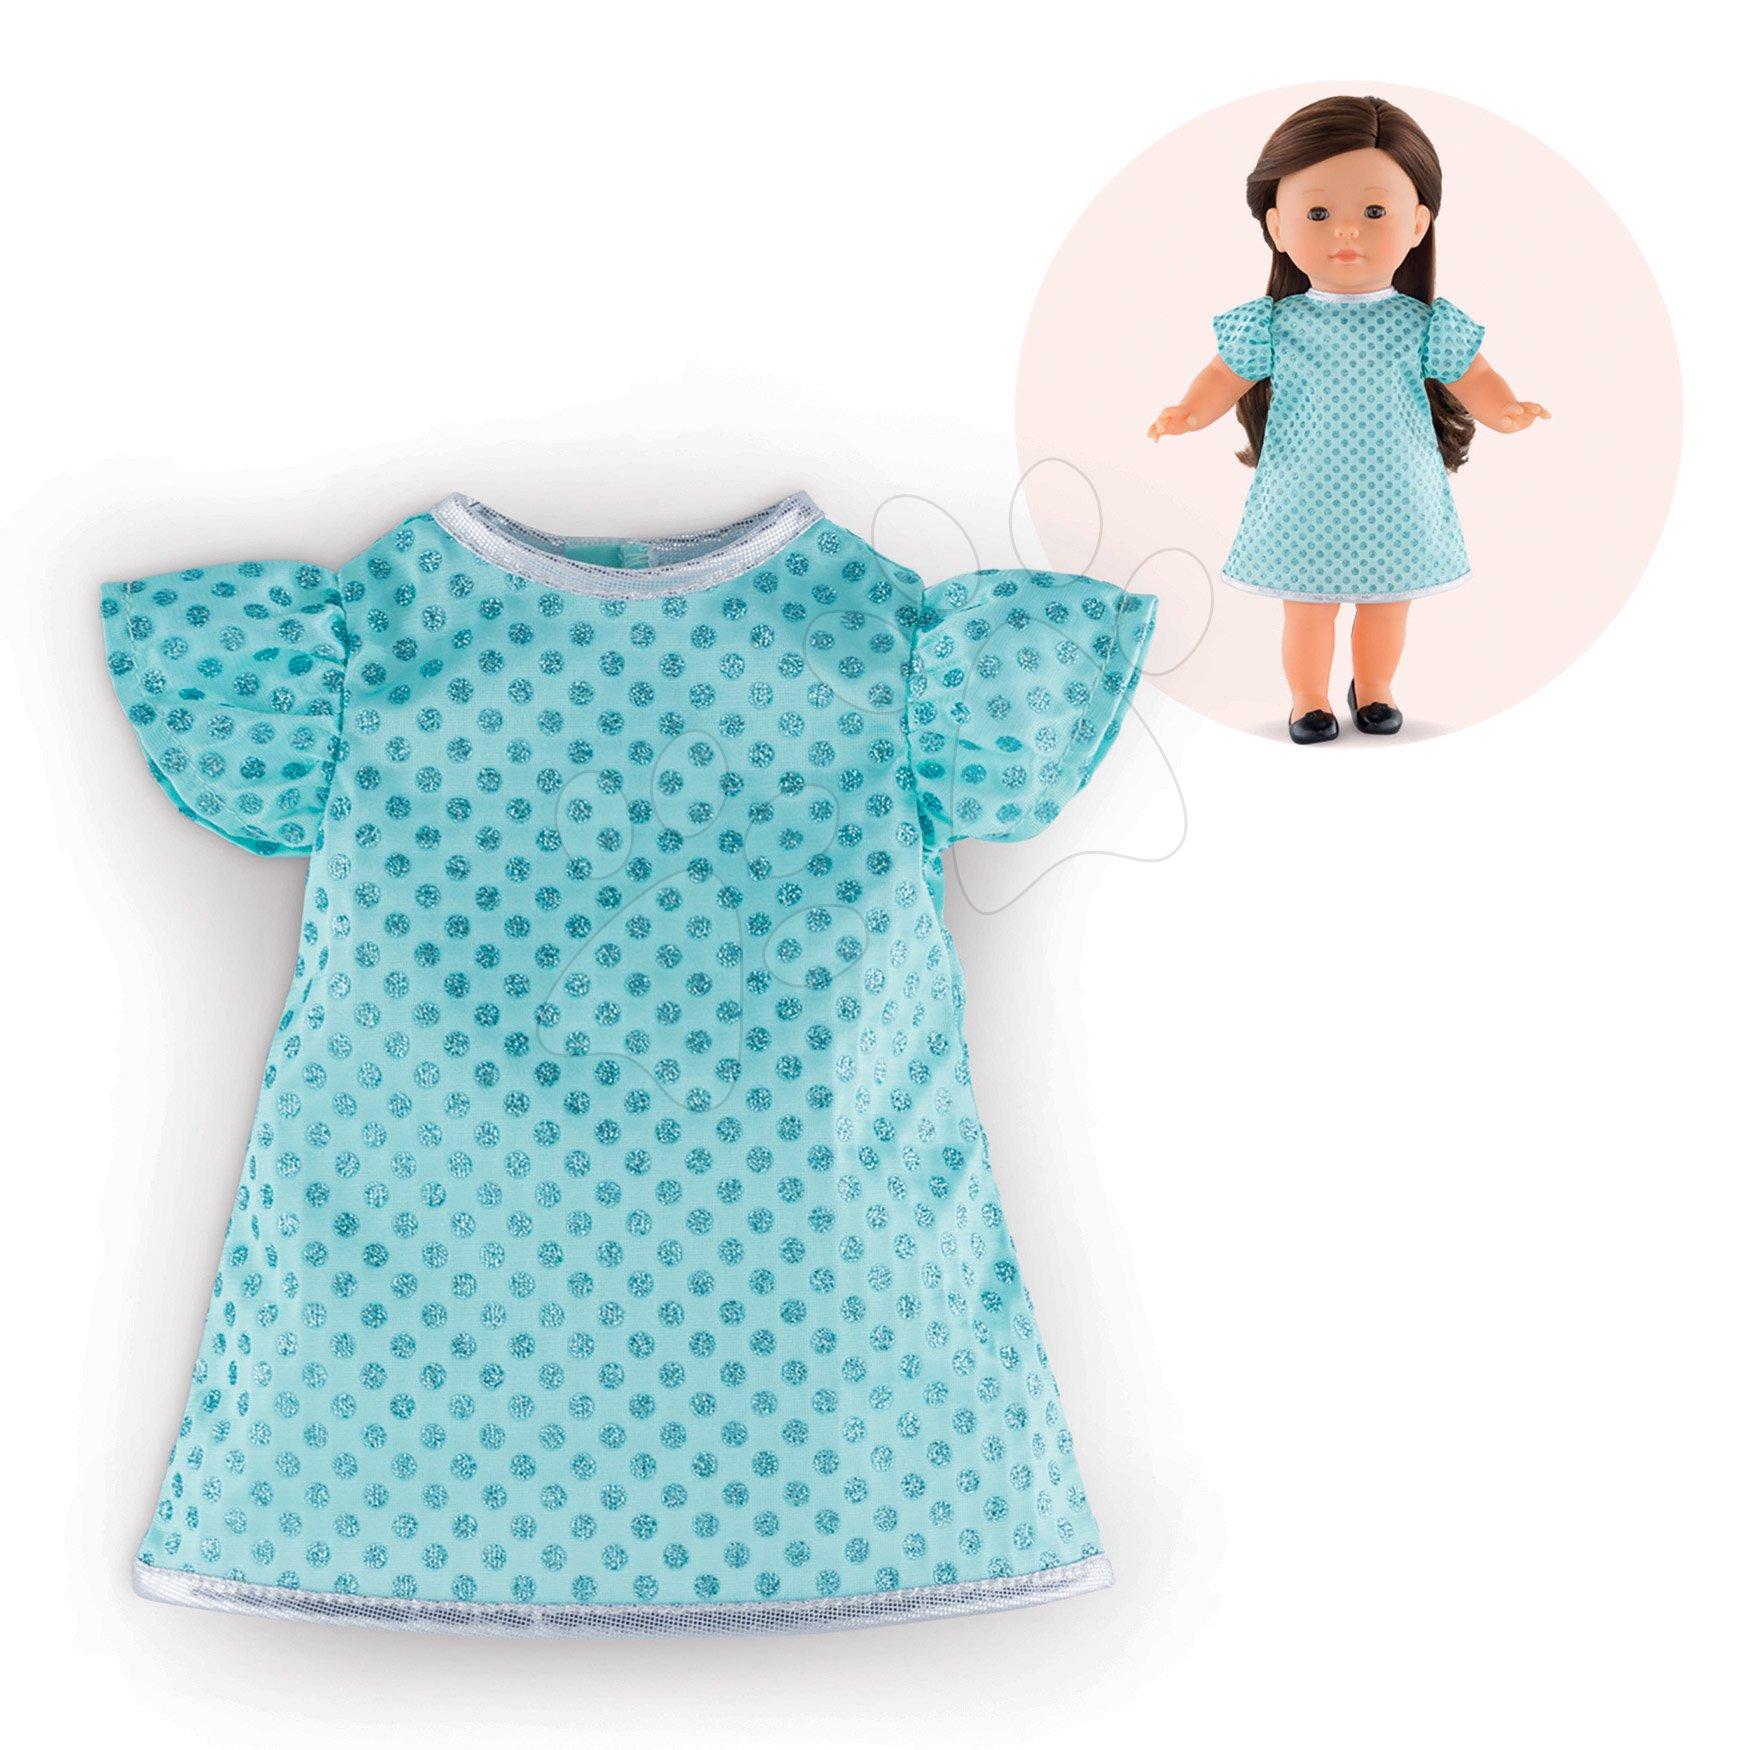 Oblečení Sparkling Dress Ma Corolle pro 36 cm panenku od 4 let